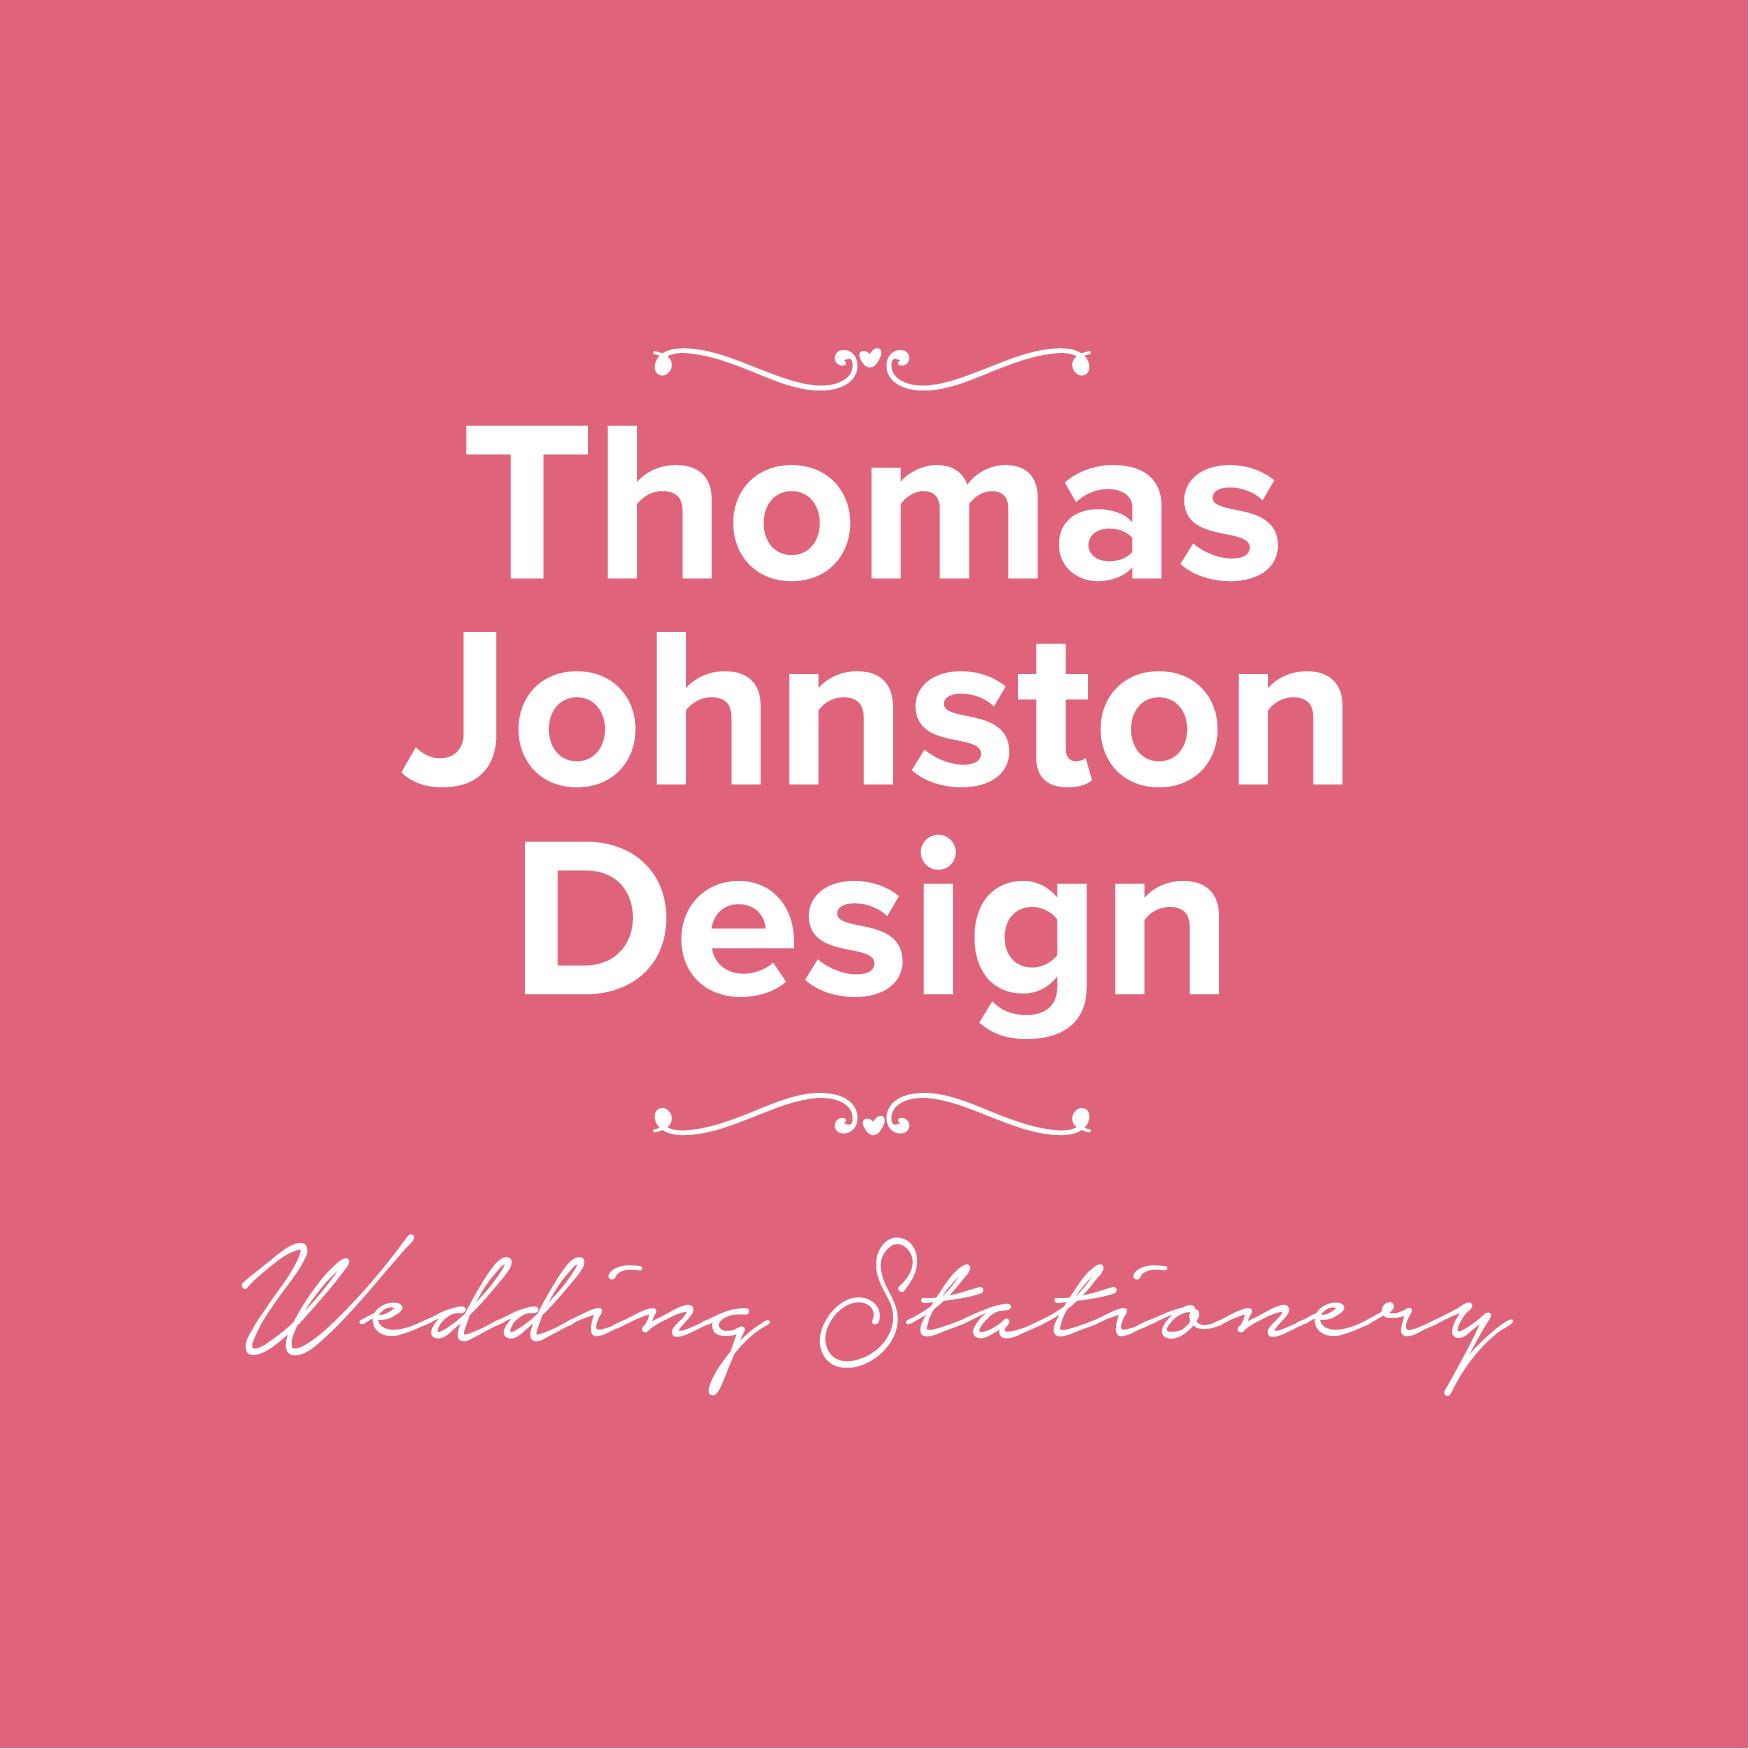 aye-do-wedding-stationary-letterkenny.jpg